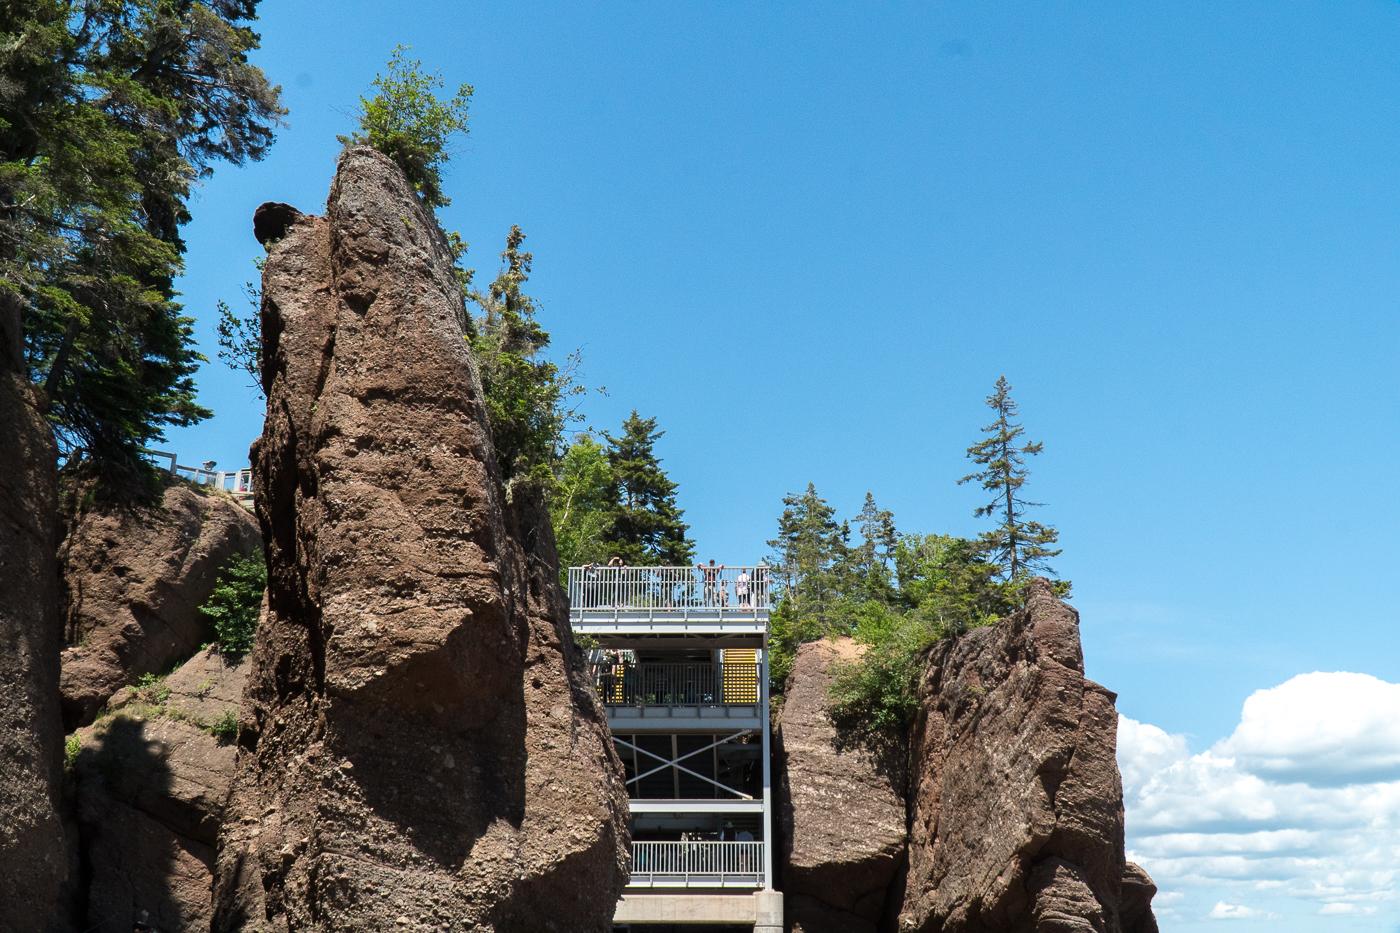 Escalier belvédère à Hopewell Rocks de baie de Fundy